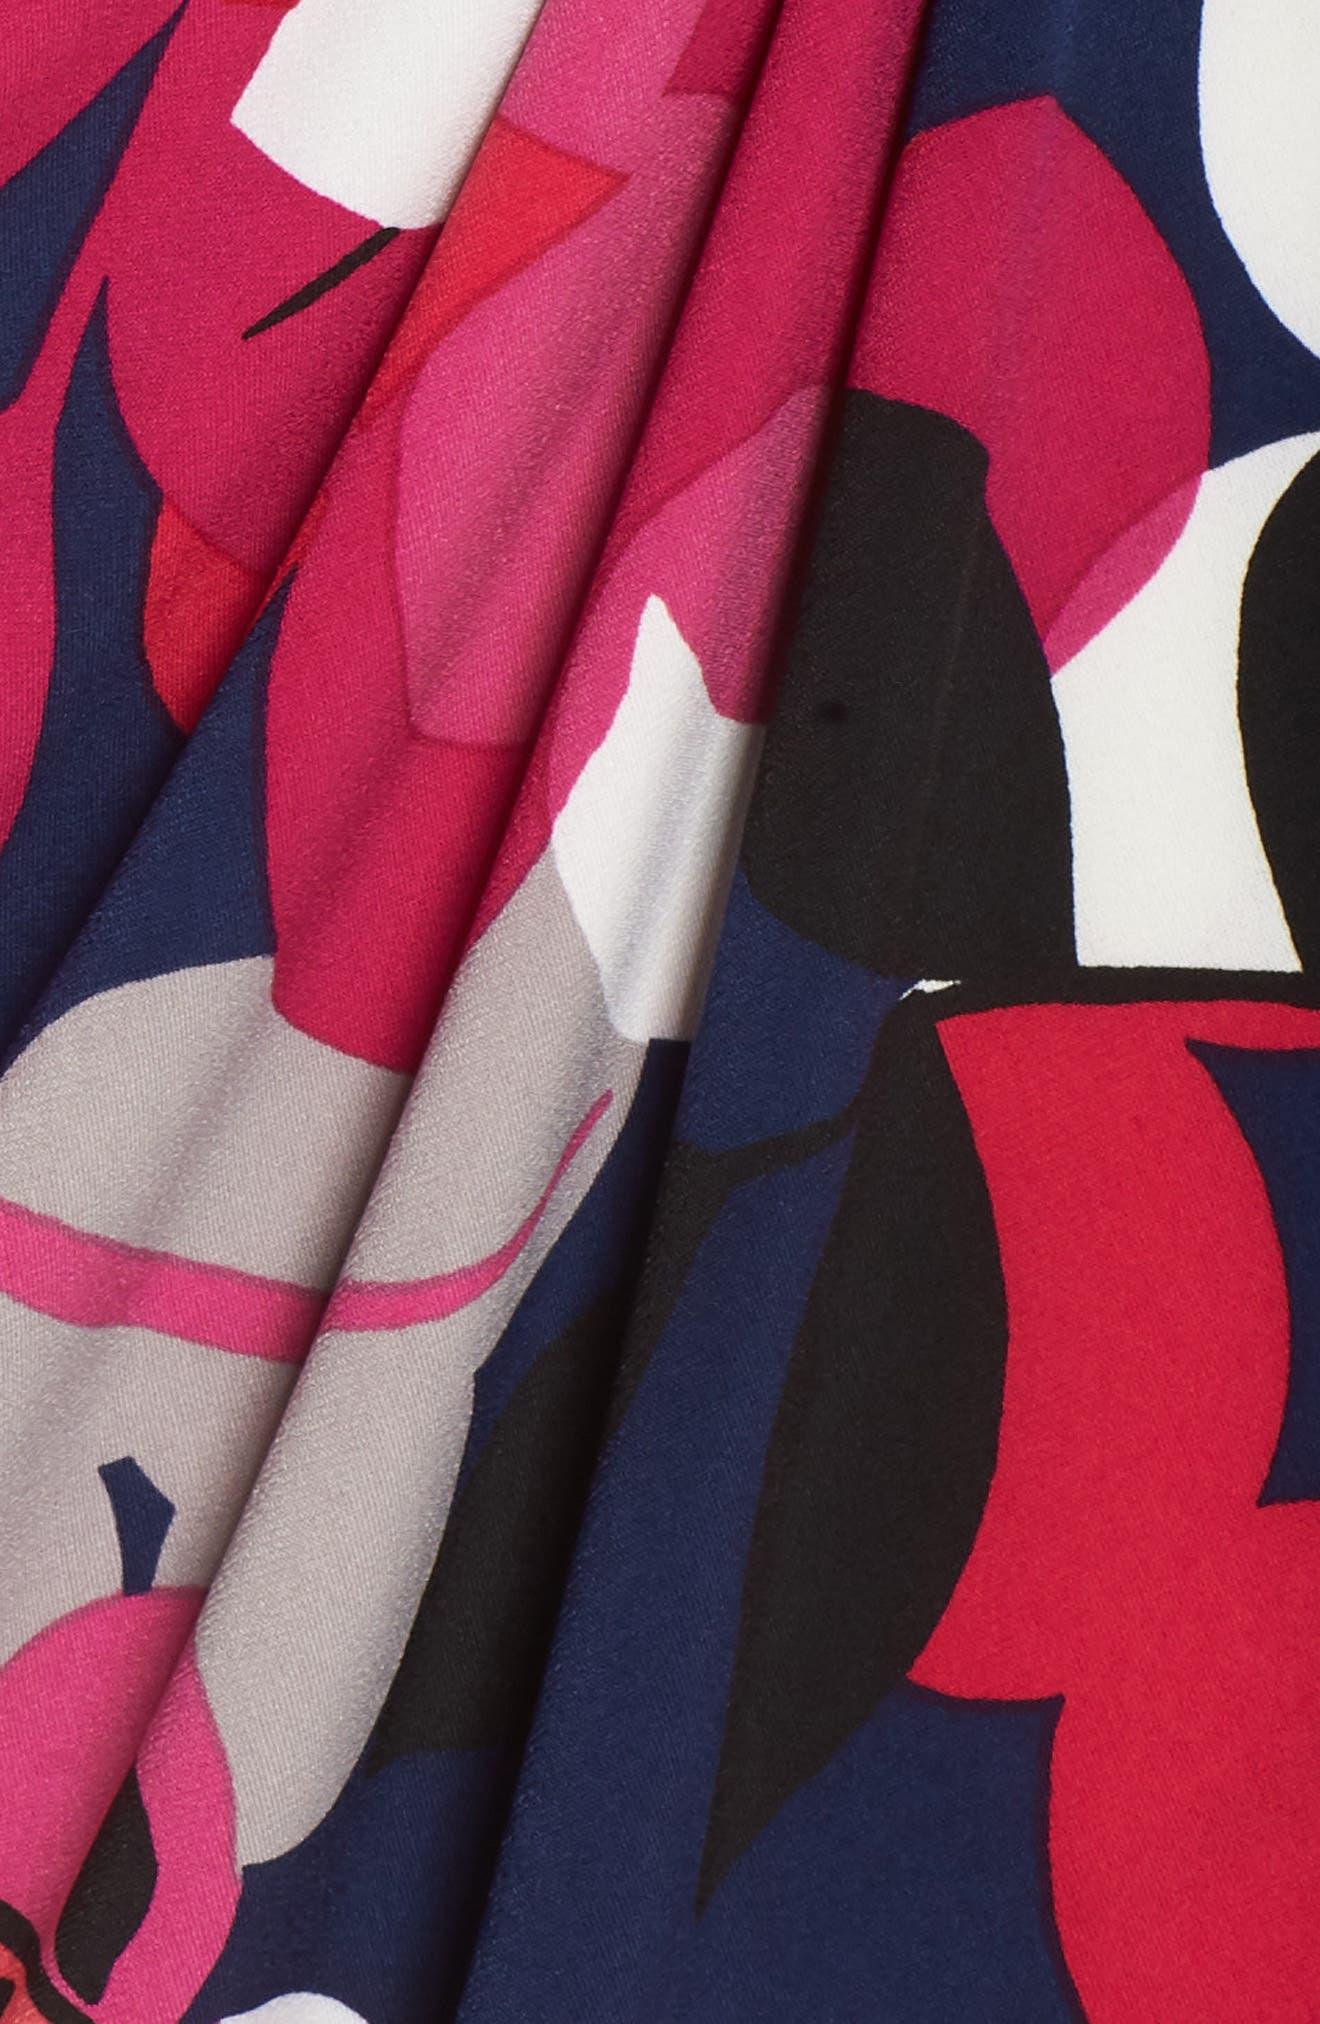 Berry Floral Wrap Dress,                             Alternate thumbnail 6, color,                             402